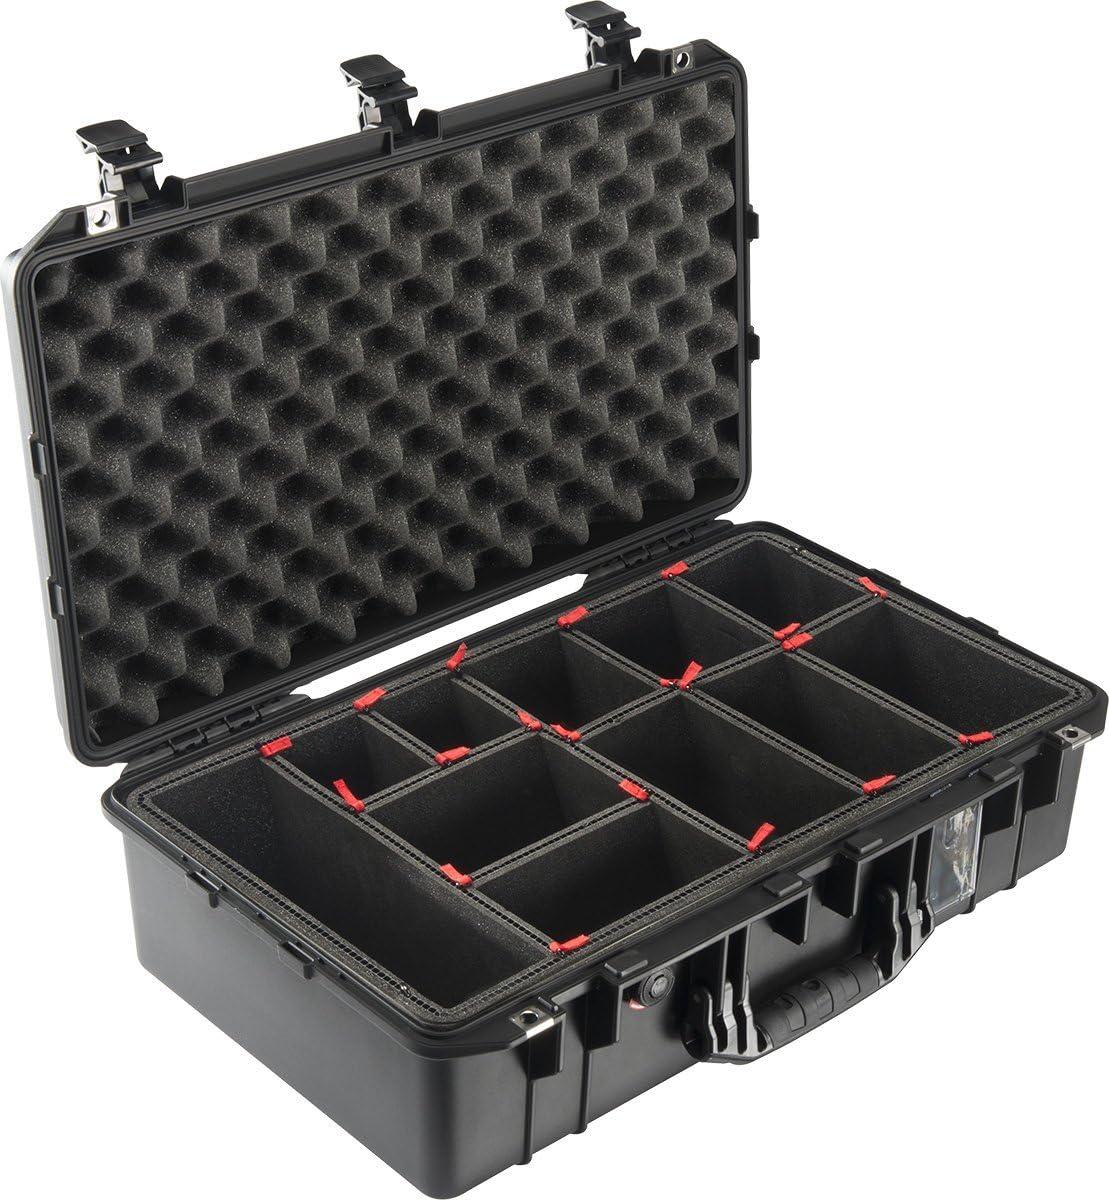 Peli 1535 Air Valise de protection avec TrekPak pour Appareil Photo Noir